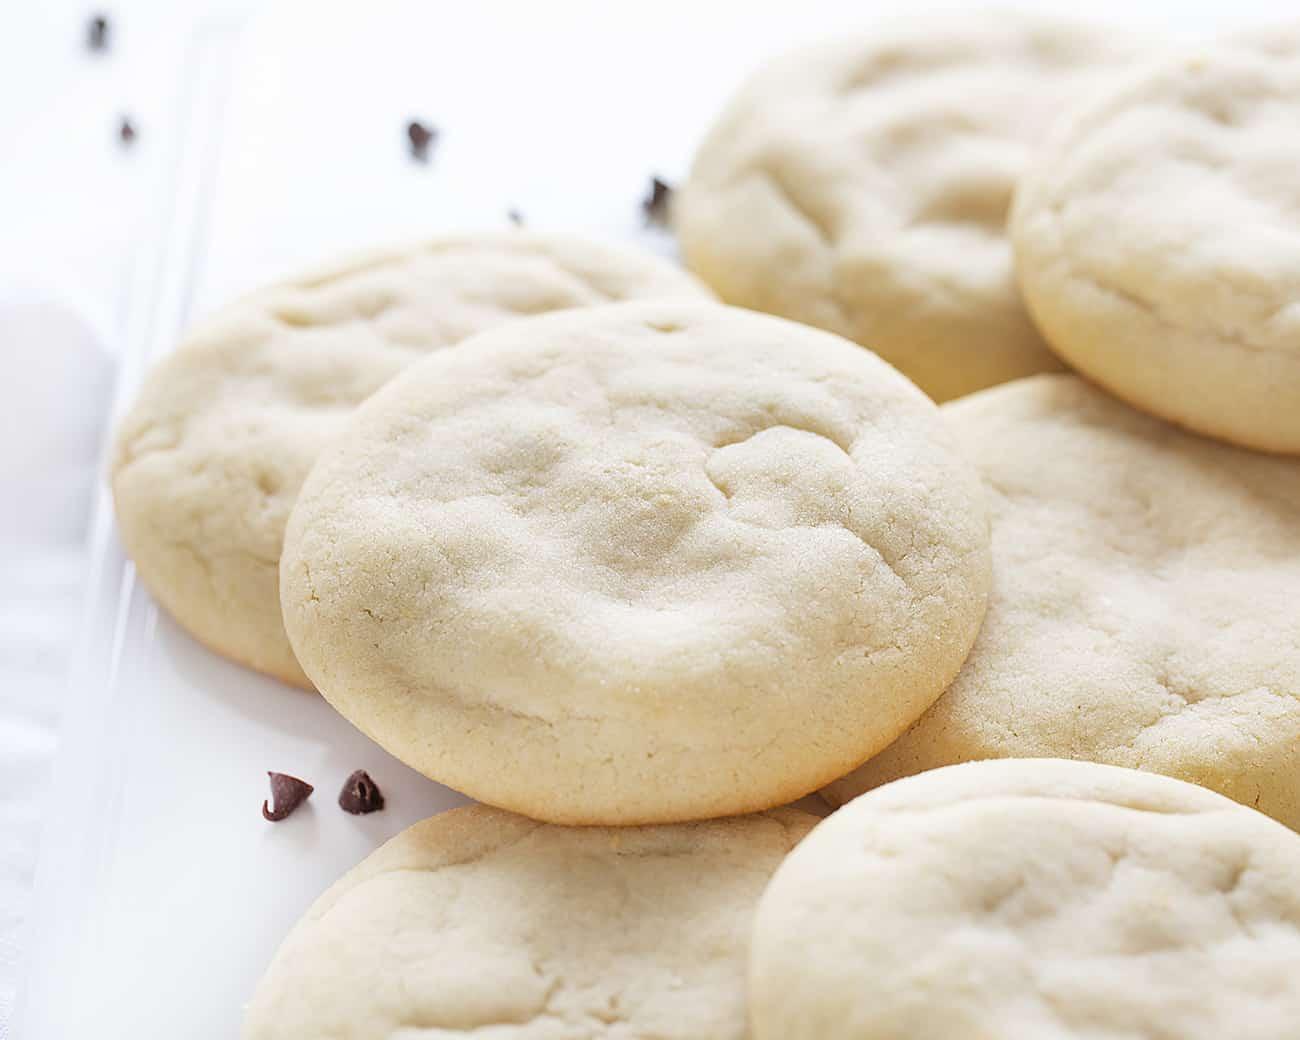 Galletas de azúcar con relleno de pastel de queso con chispas de chocolate